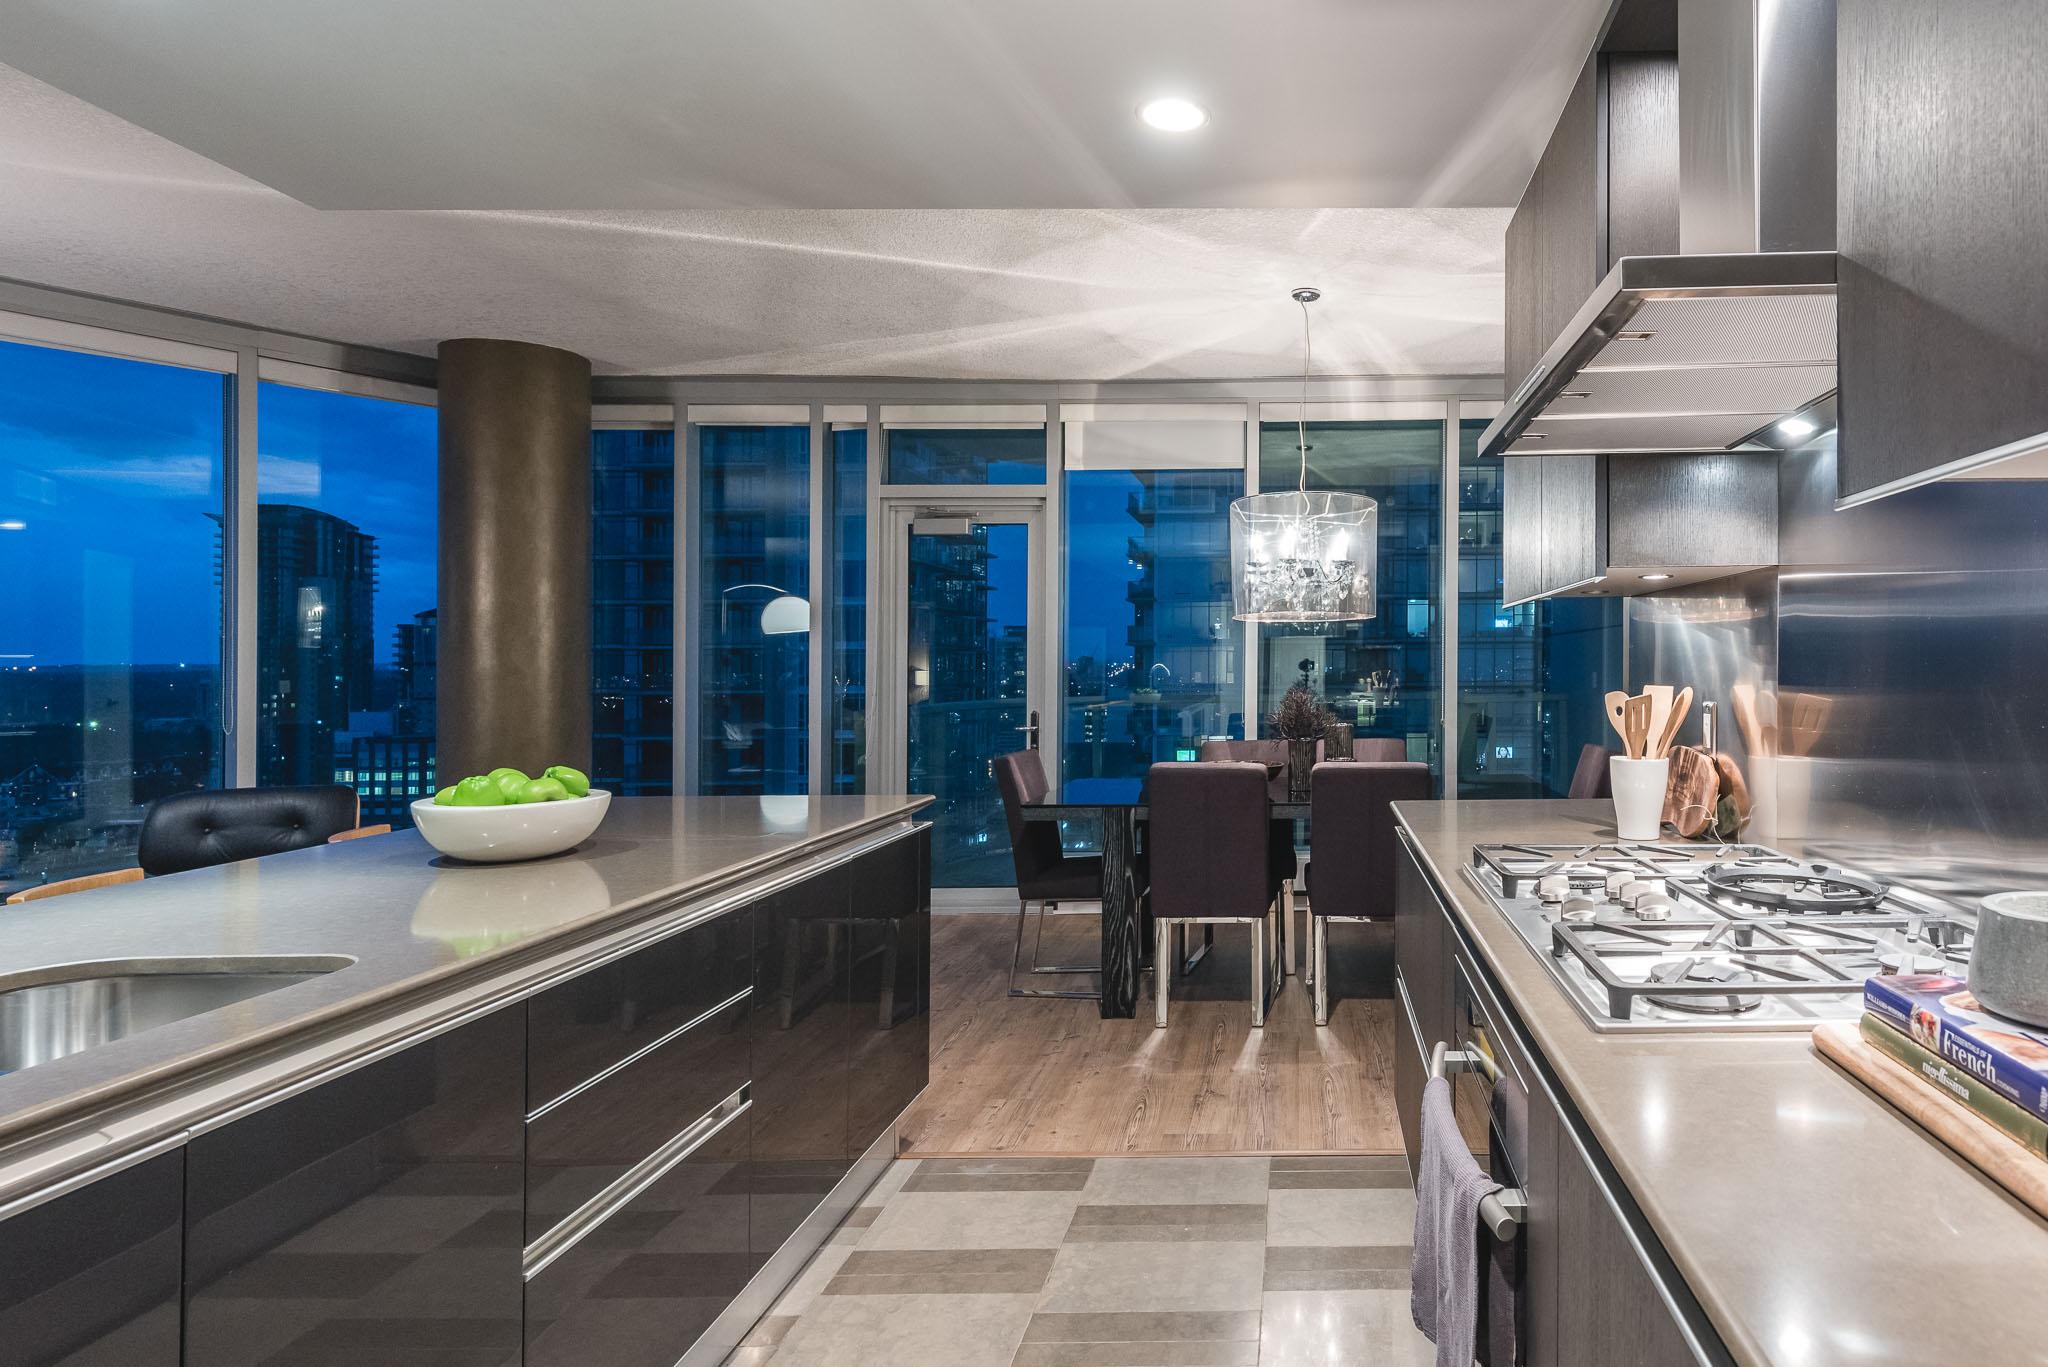 Robert Albertin Real Estate Kitchen Night Time-1.jpg